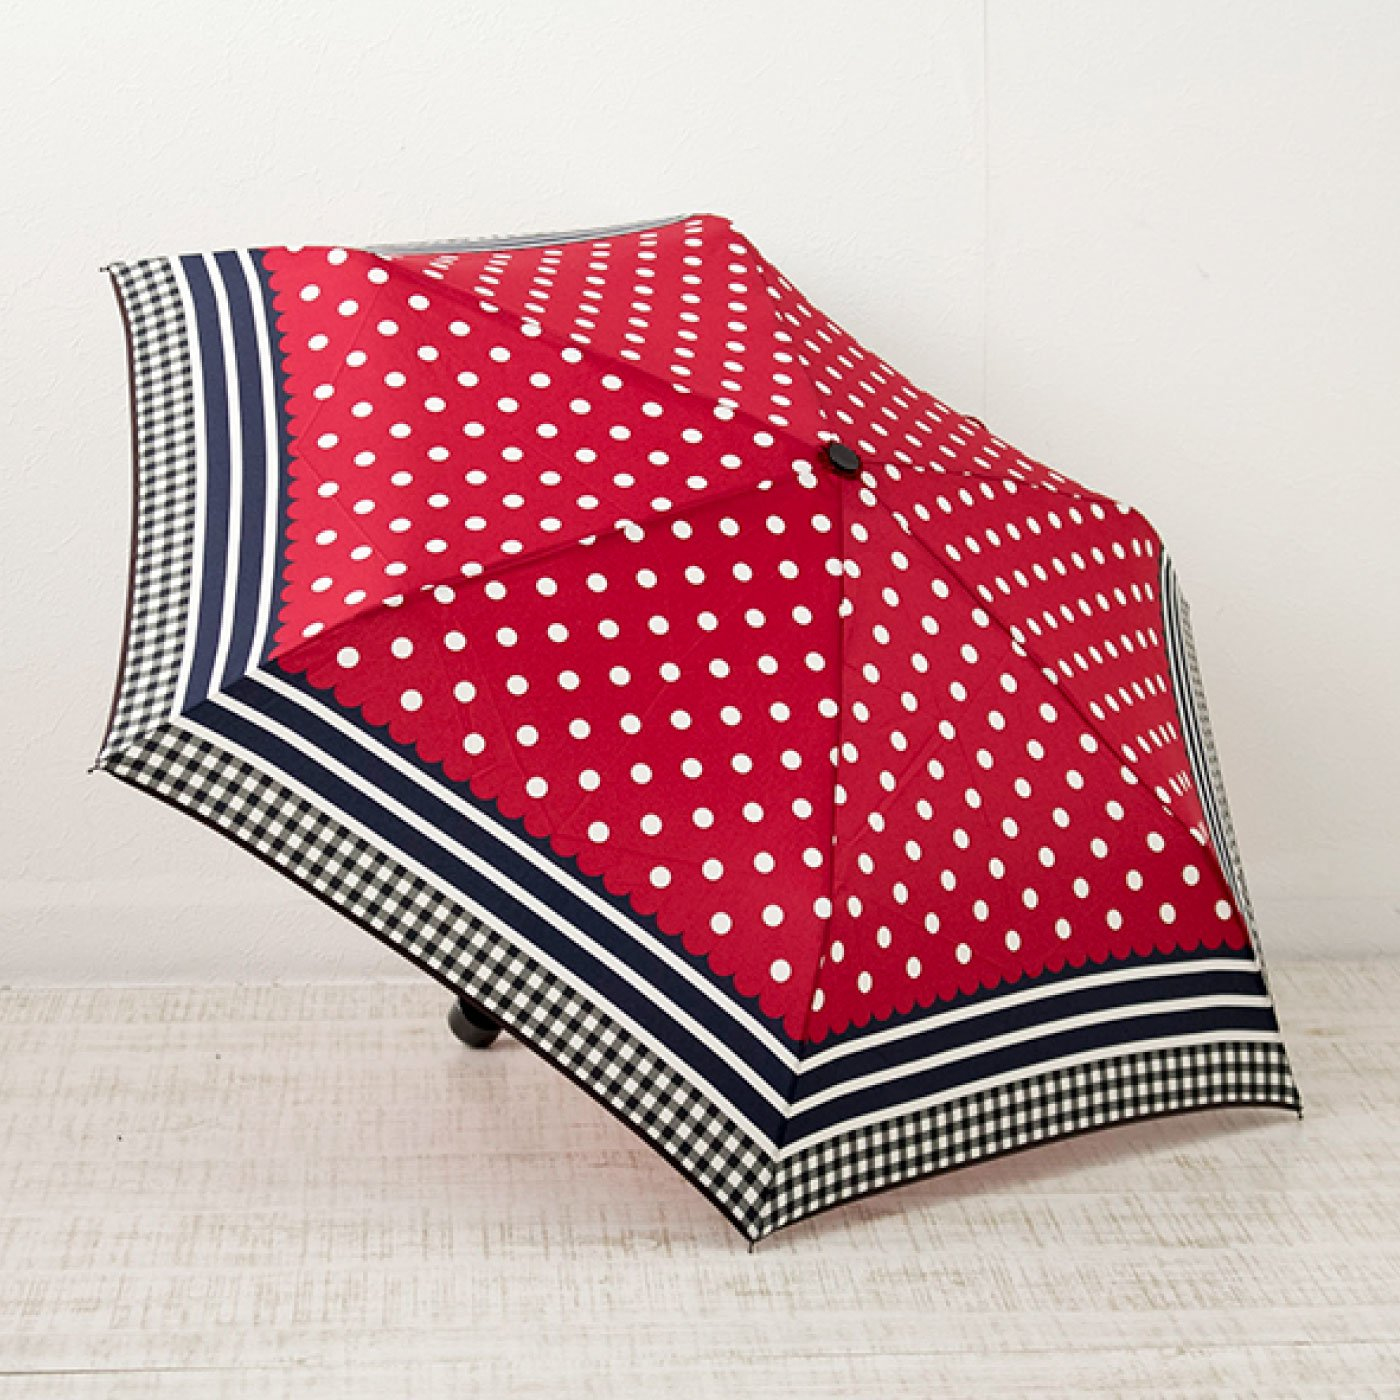 柄合わせが楽しい ドットボーダー柄折りたたみ雨傘